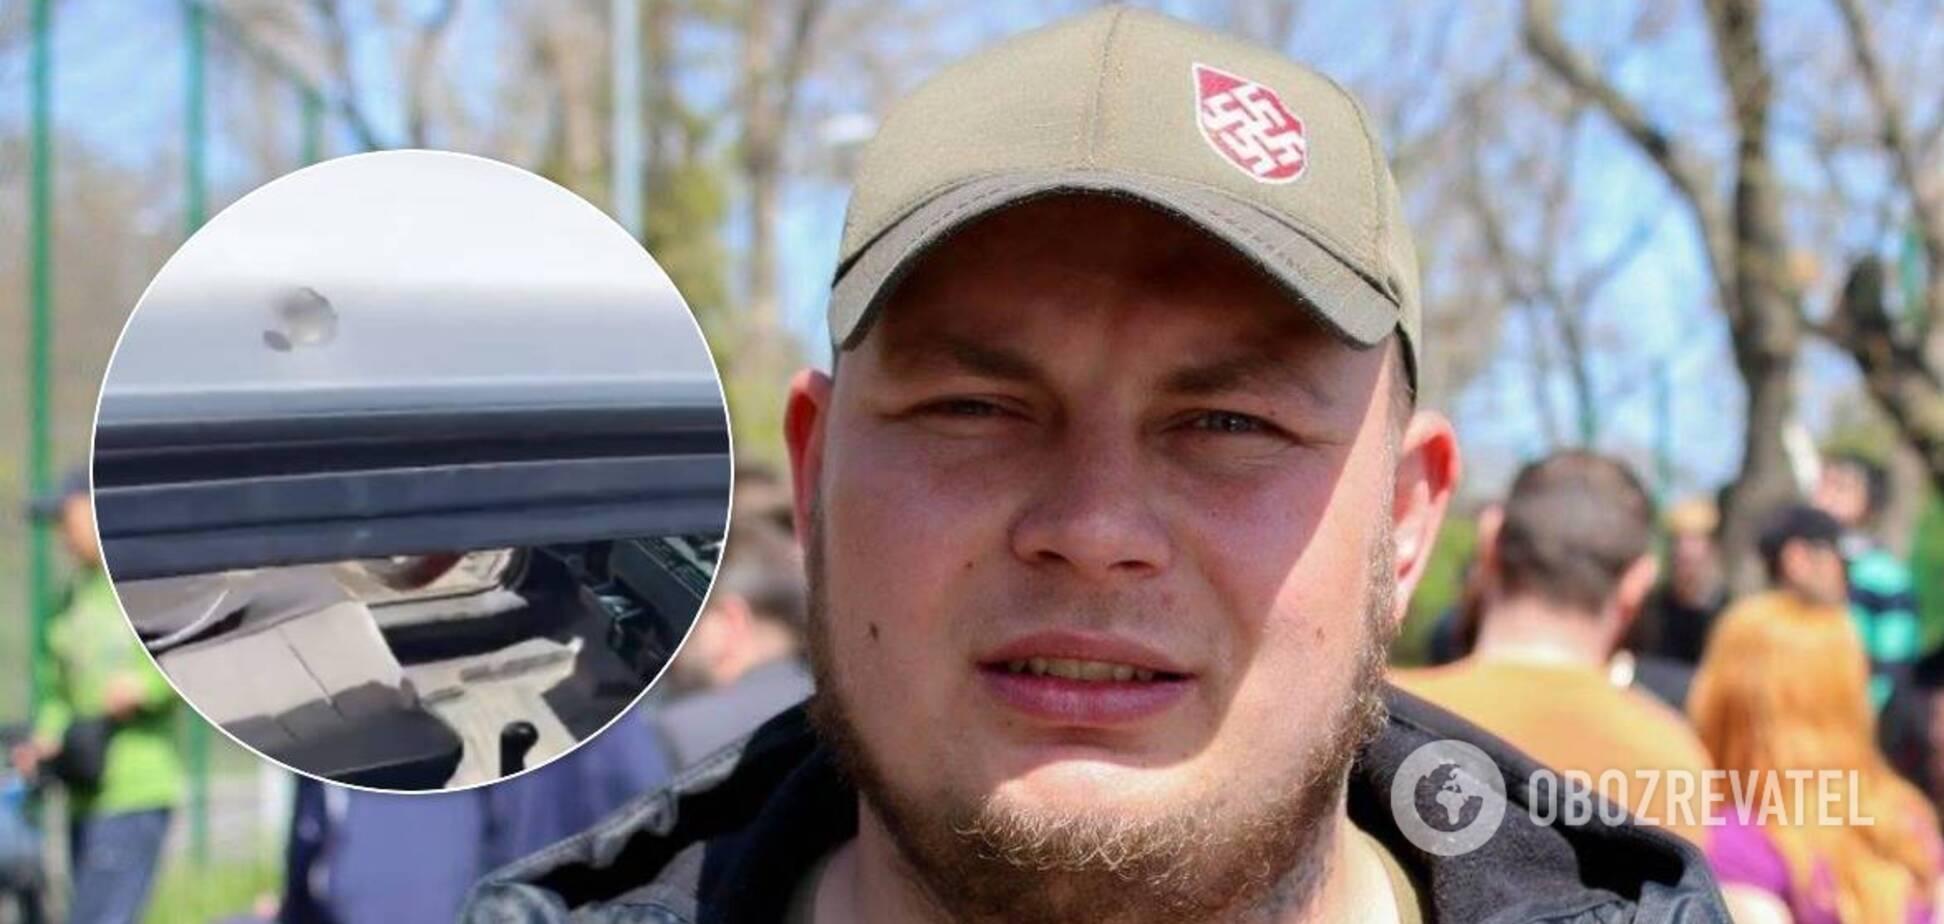 Одеський активіст заявив про замах на нього та показав сліди стрільби